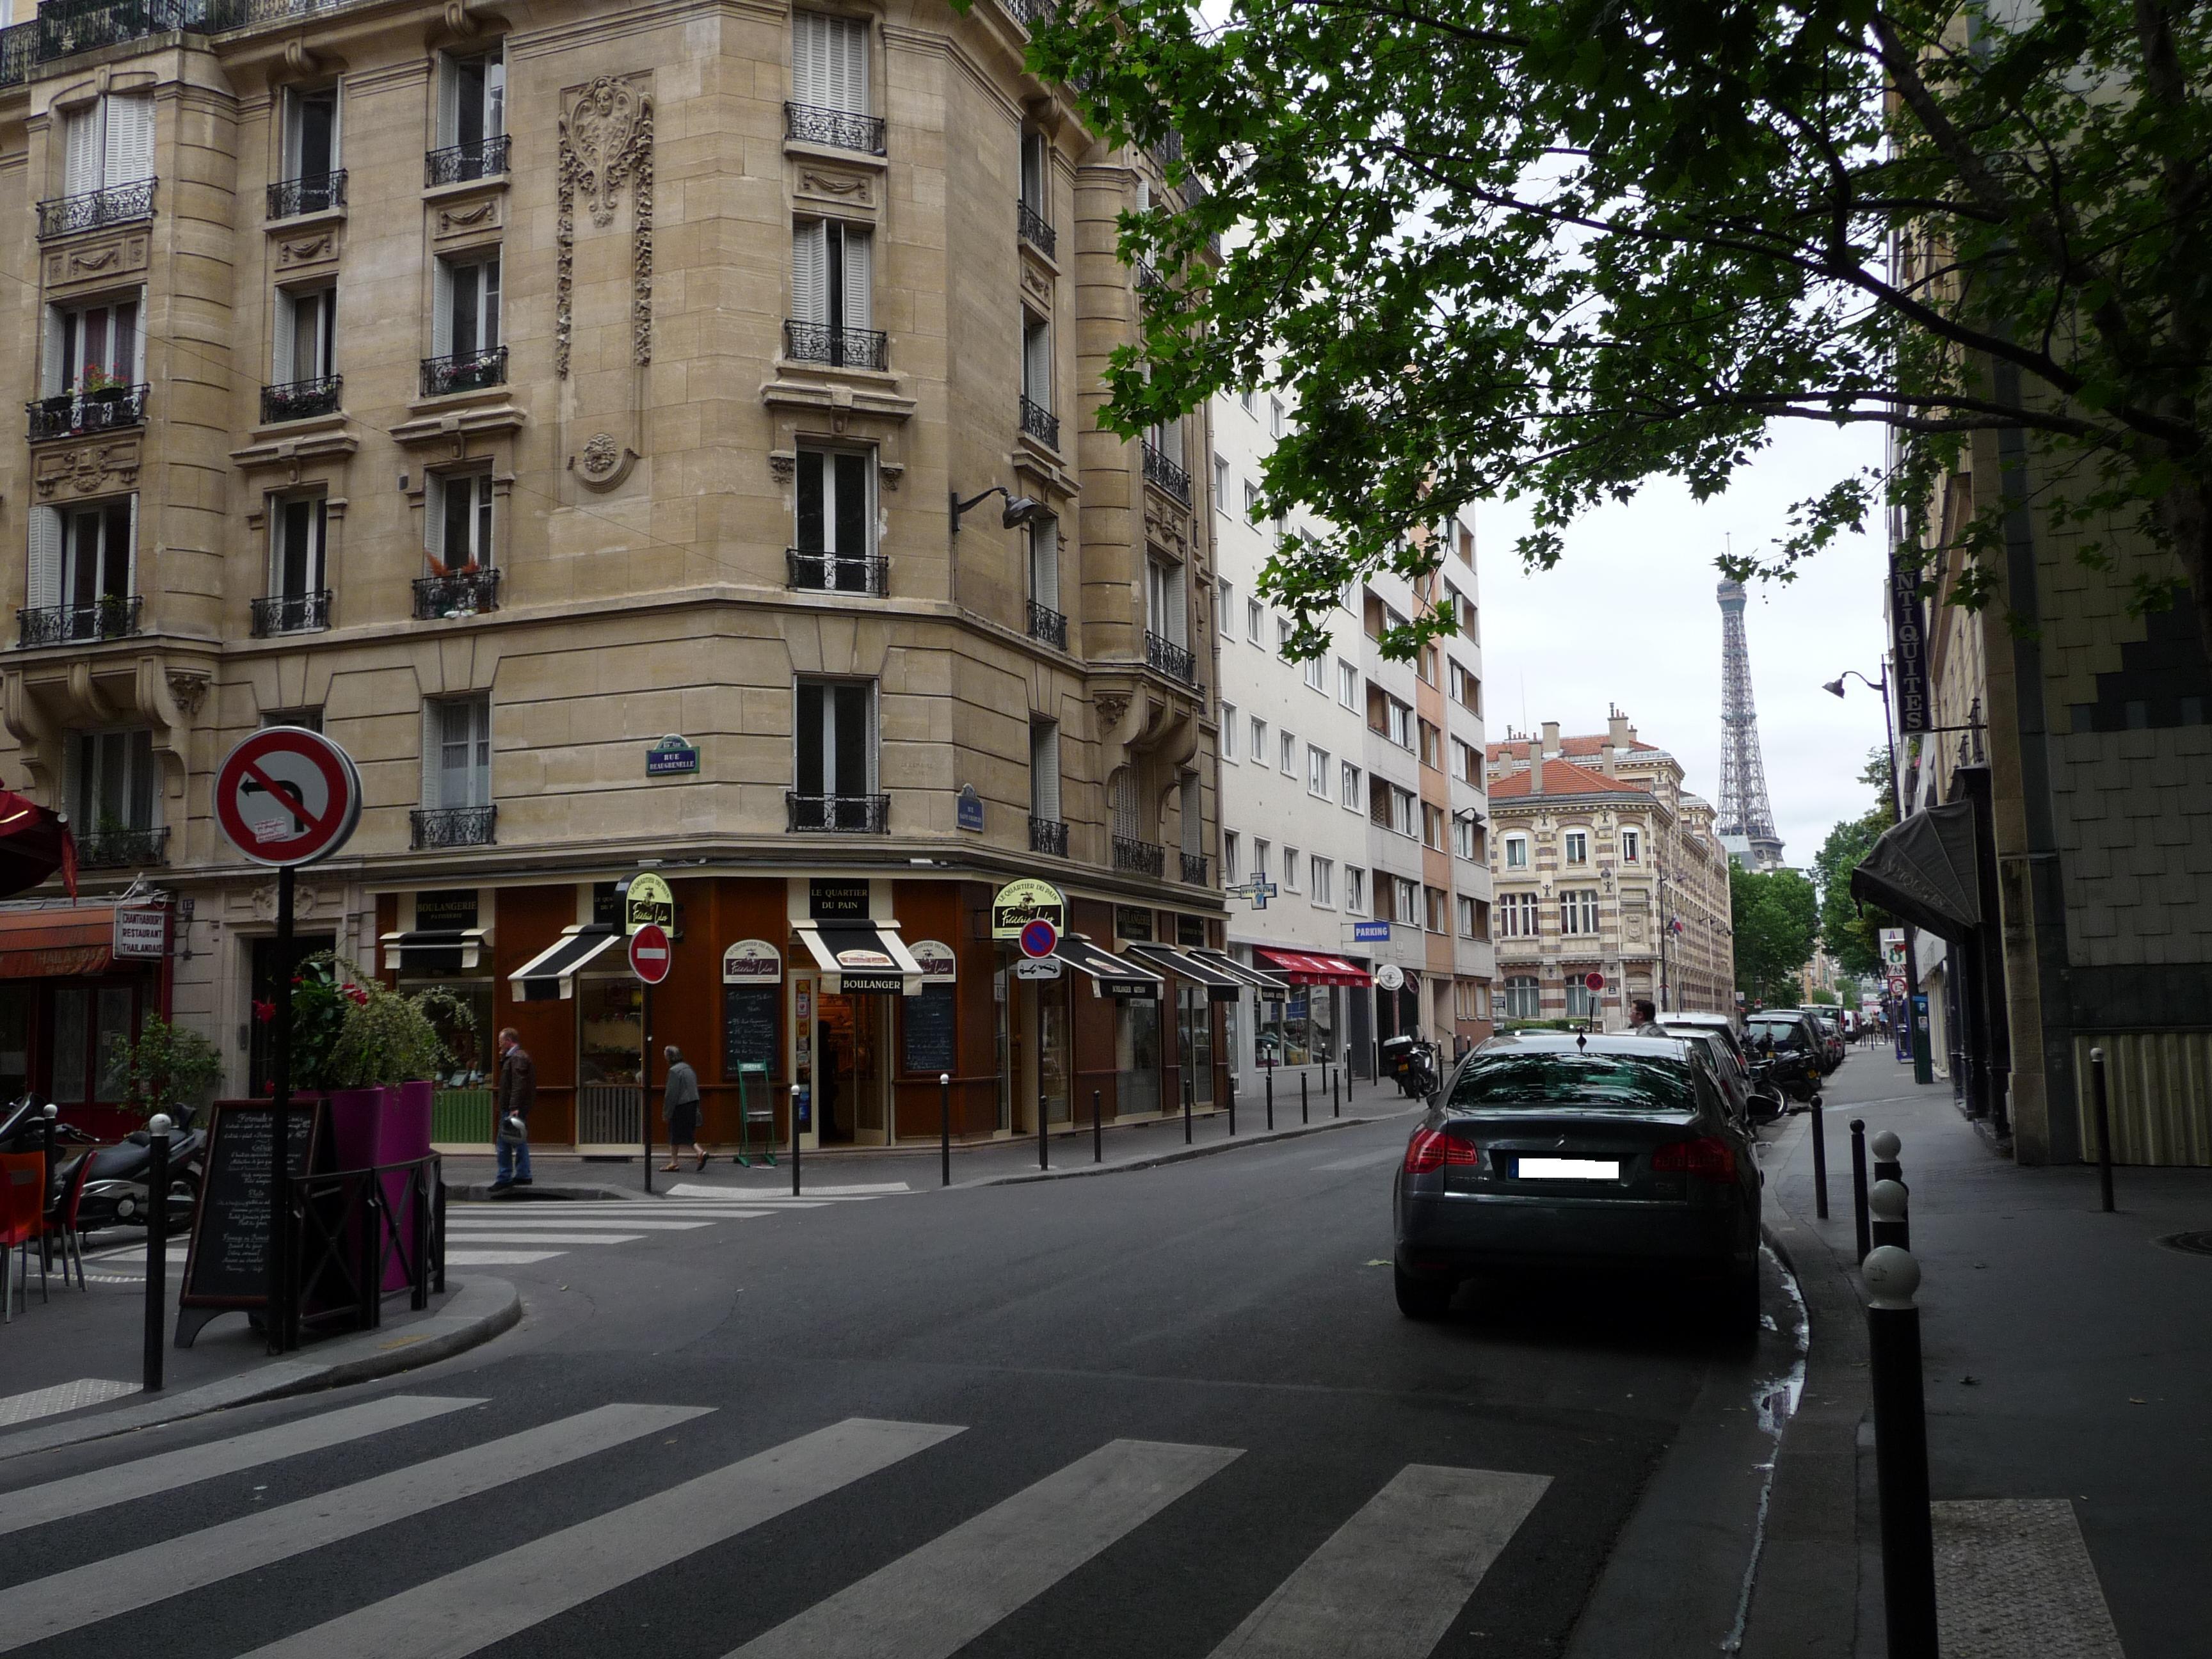 Hôtel Saint-Charles - Hotel St Charles Paris - Official Web Site